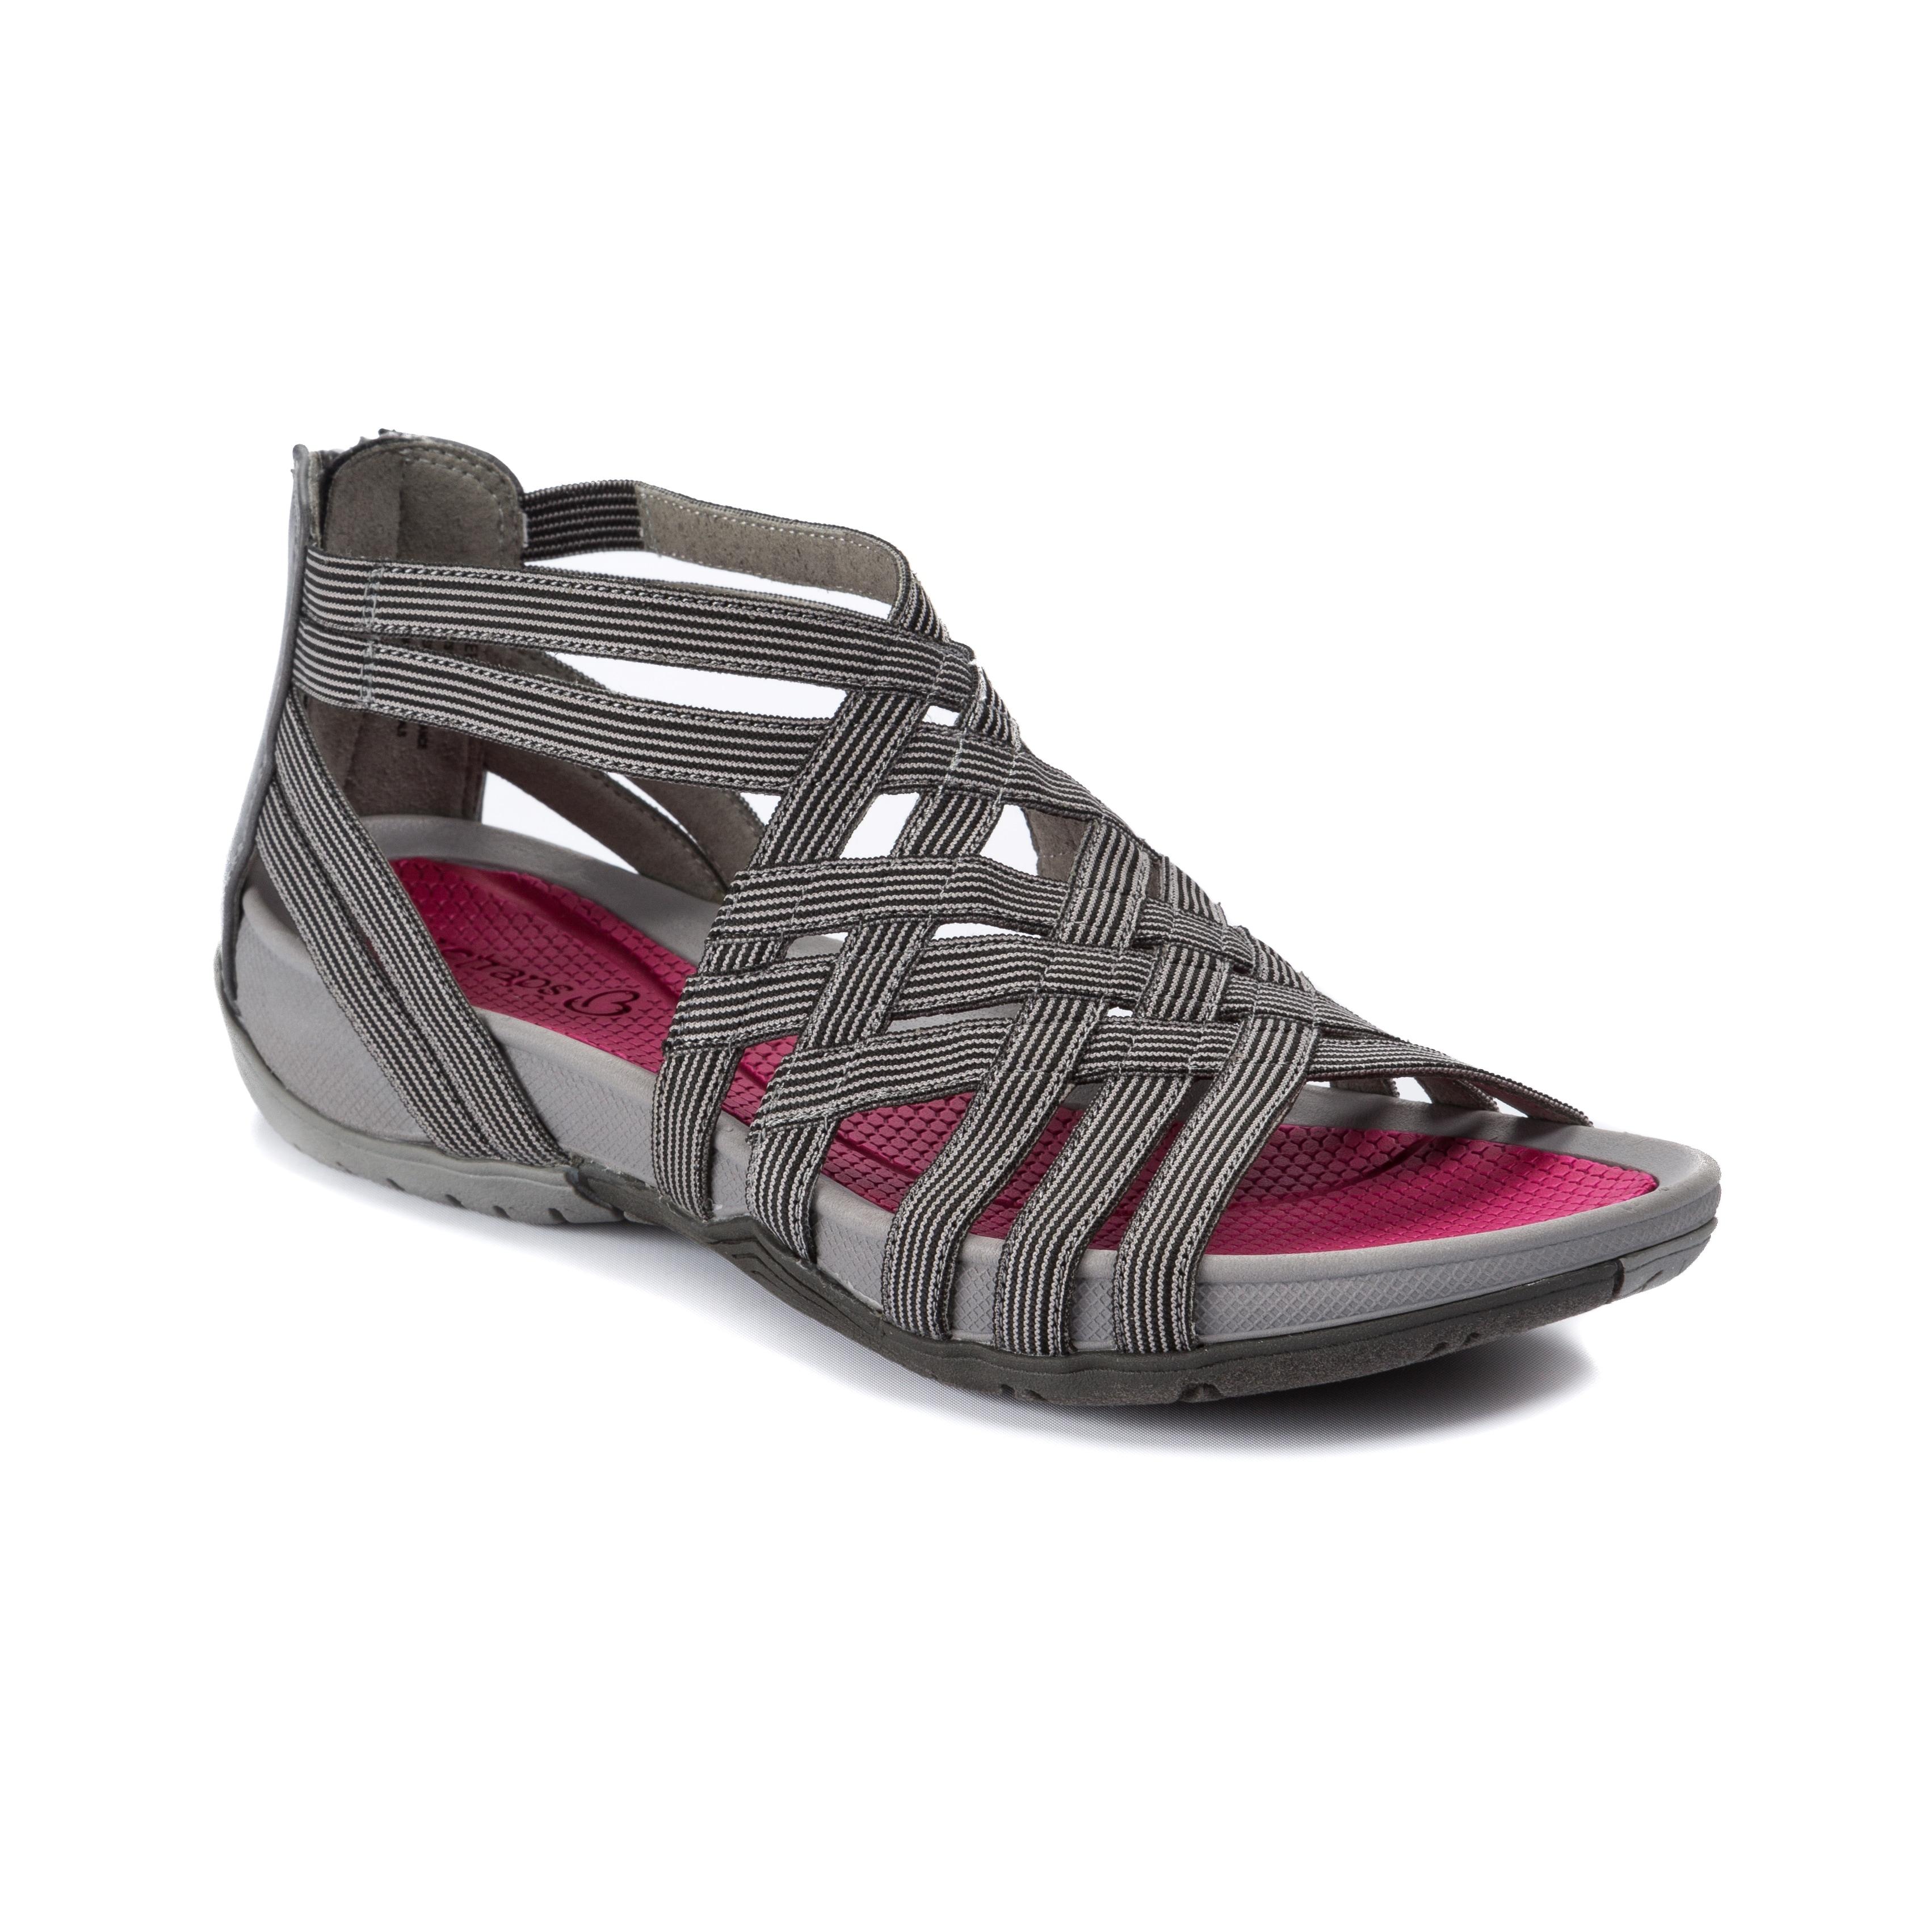 d4401203d6d2 Shop Baretraps Seela Women s Sandals Black - Free Shipping Today ...